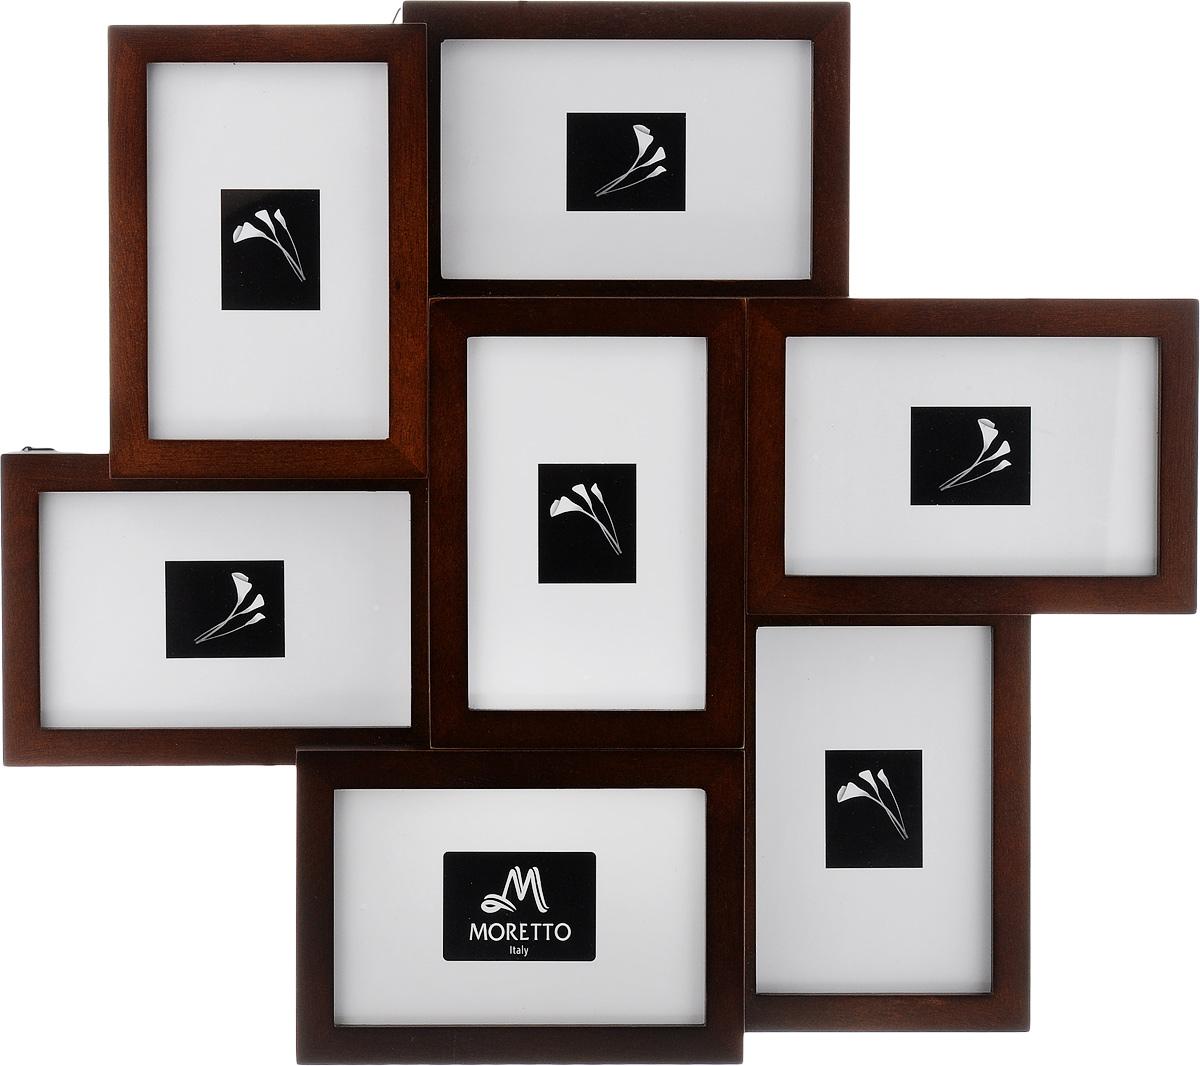 Фоторамка Moretto, на 7 фото 10 х 15 см238007Фоторамка Moretto - прекрасный способ красиво оформить ваши фотографии. Фоторамка выполнена из дерева и защищена стеклом, предназначена для семи фотографий. Фоторамка-коллаж представляет собой семь фоторамок для фото одного размера оригинально соединенных между собой. Такая фоторамка поможет сохранить в памяти самые яркие моменты вашей жизни, а стильный дизайн сделает ее прекрасным дополнением интерьера комнаты. Размеры фоторамок: - 7 фоторамок 12 х 17 см для фото 10 х 15 см. Общий размер фоторамки (по самой широкой части): 46 х 41 см